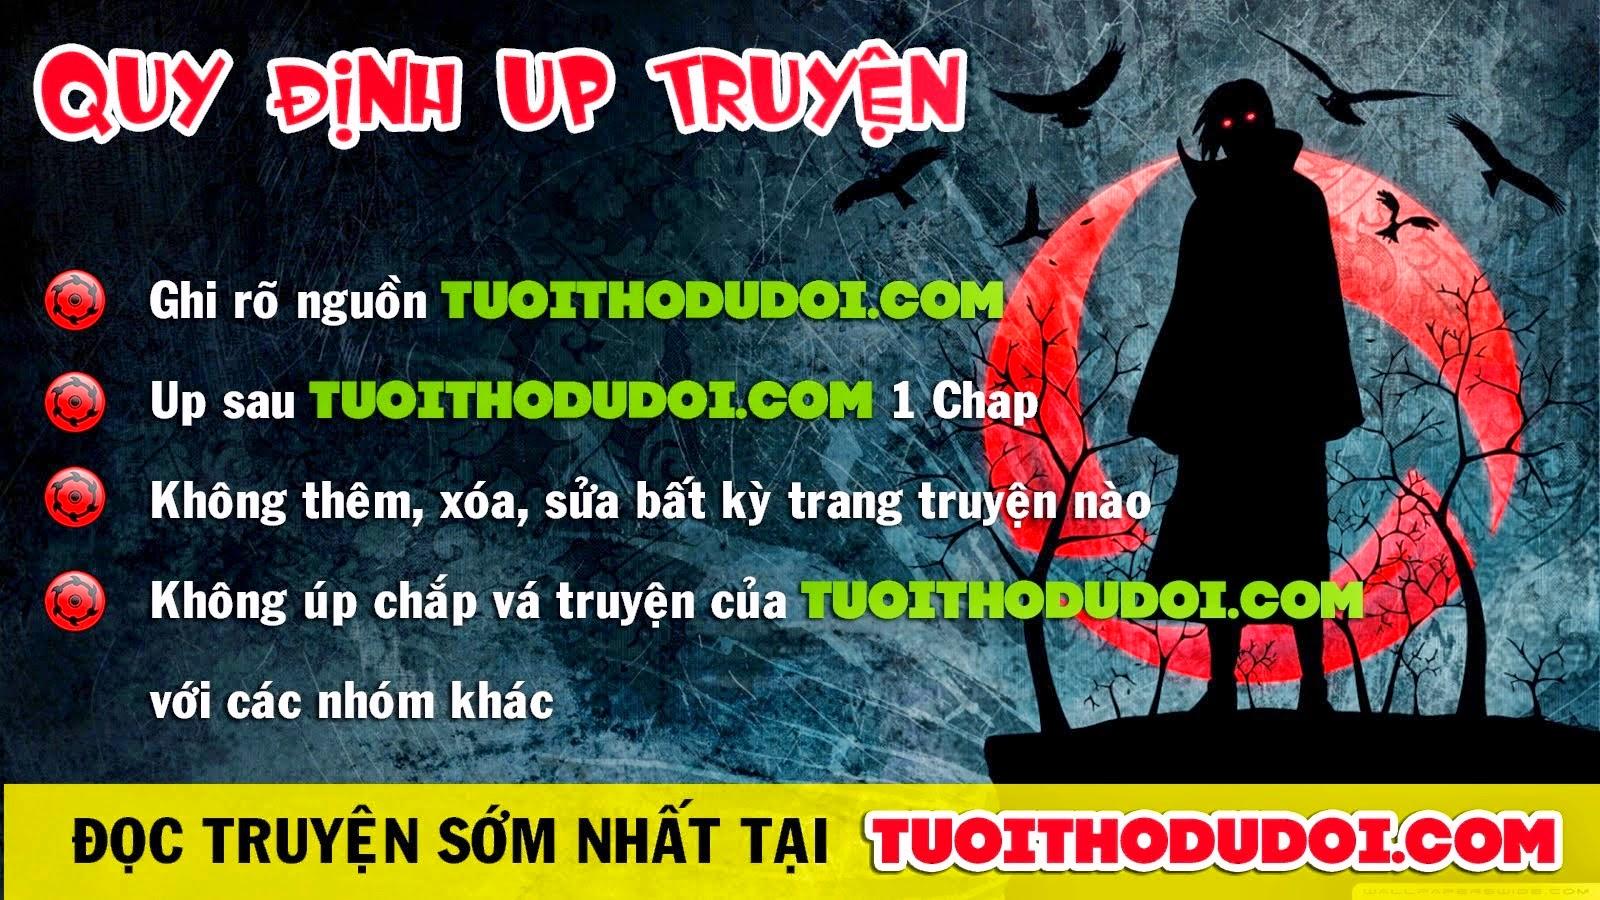 TruyenHay.Com - Ảnh 1 - Lam Sí Chap 29